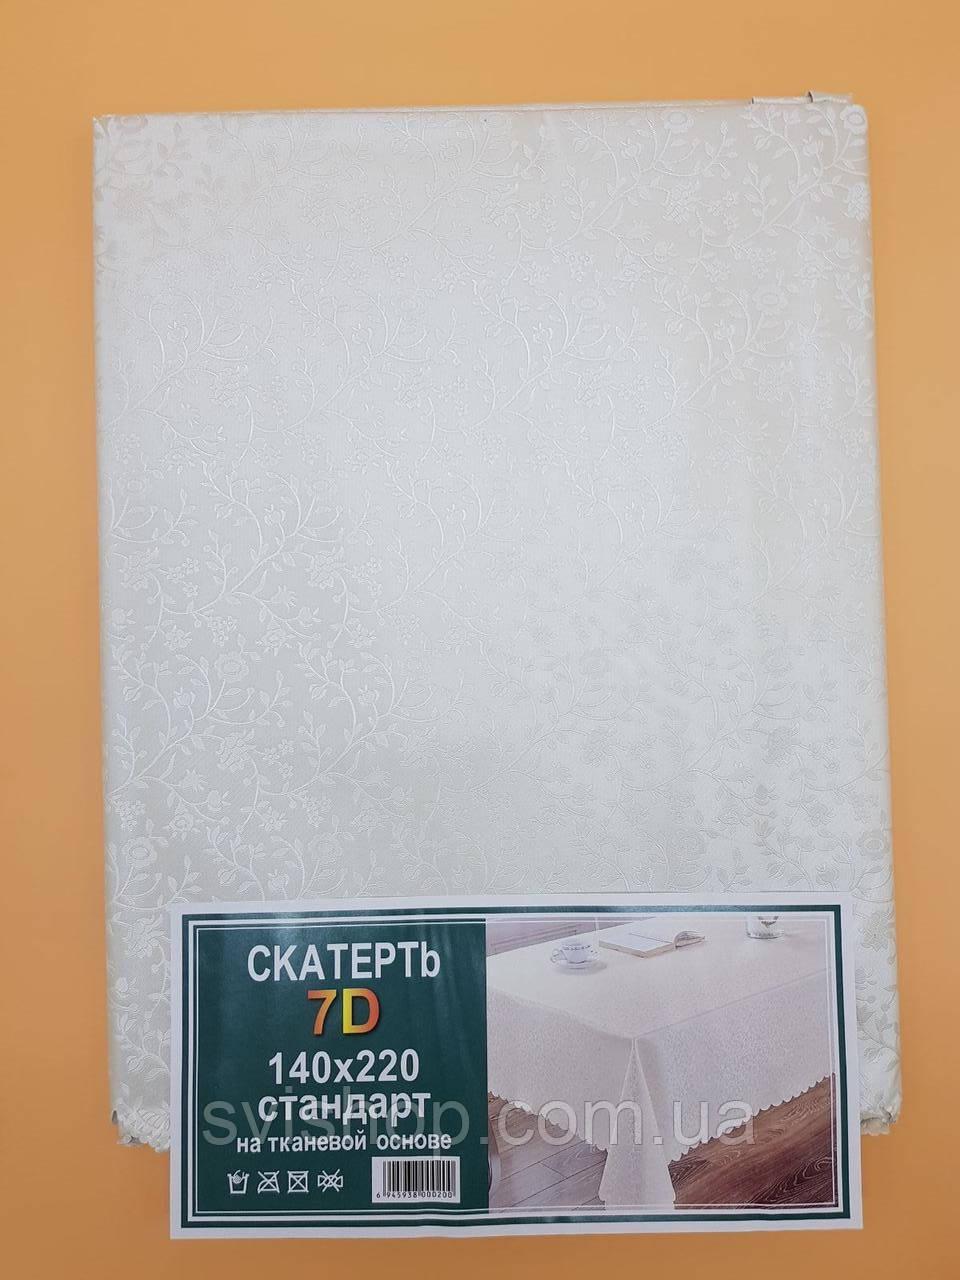 Скатерть для стола на тканевой основе с 7d рисунком 140-200 см.